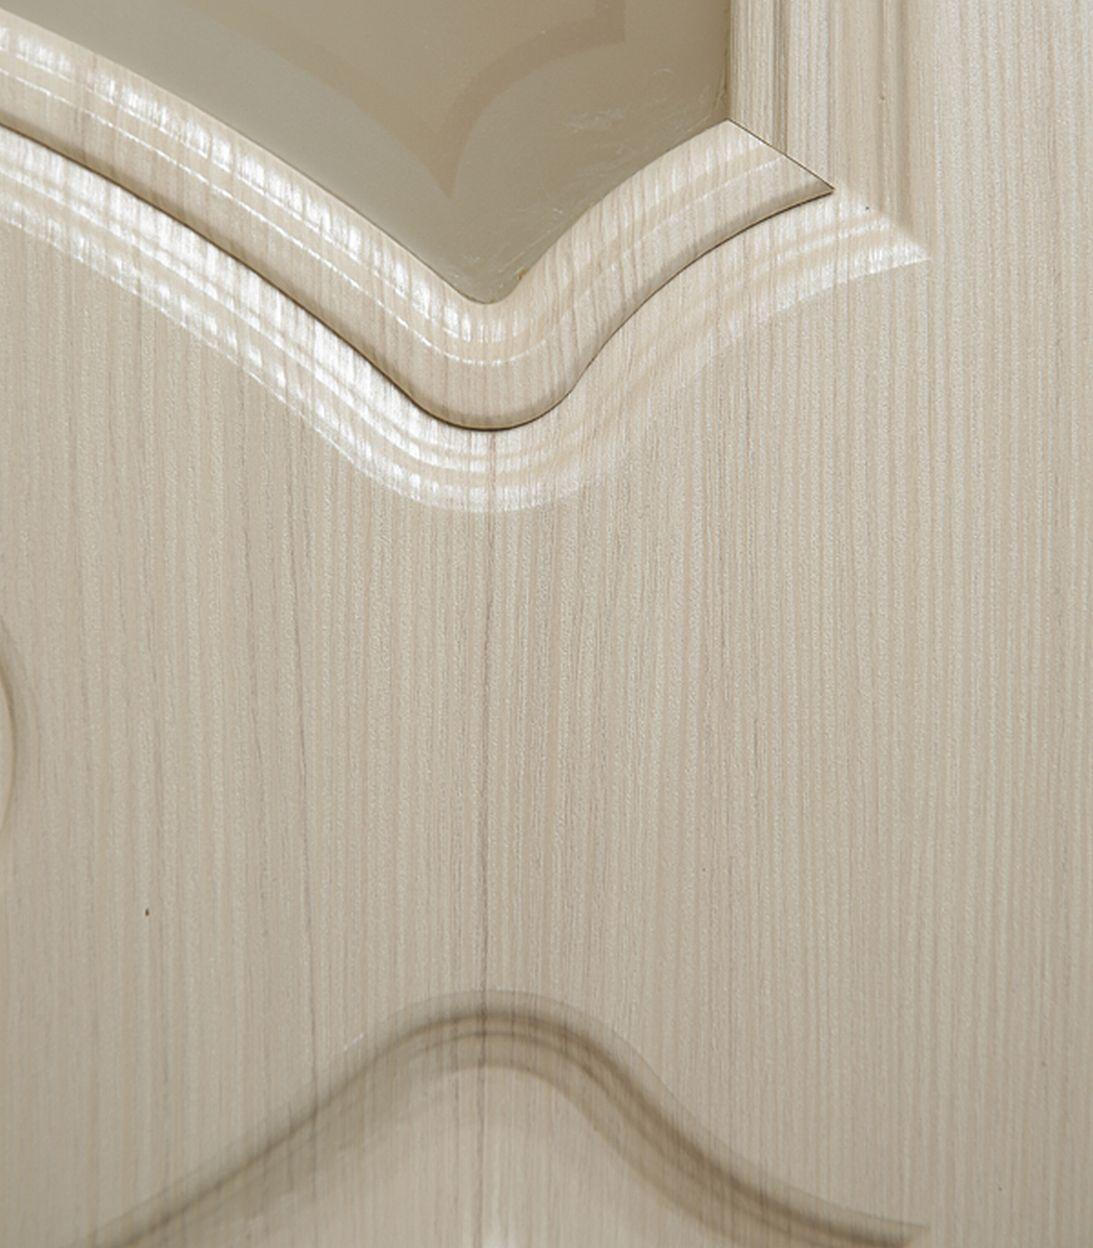 Описание Дверное полотно Verda Афина беленый дуб мелинга со стеклом экошпон 700x2000 мм